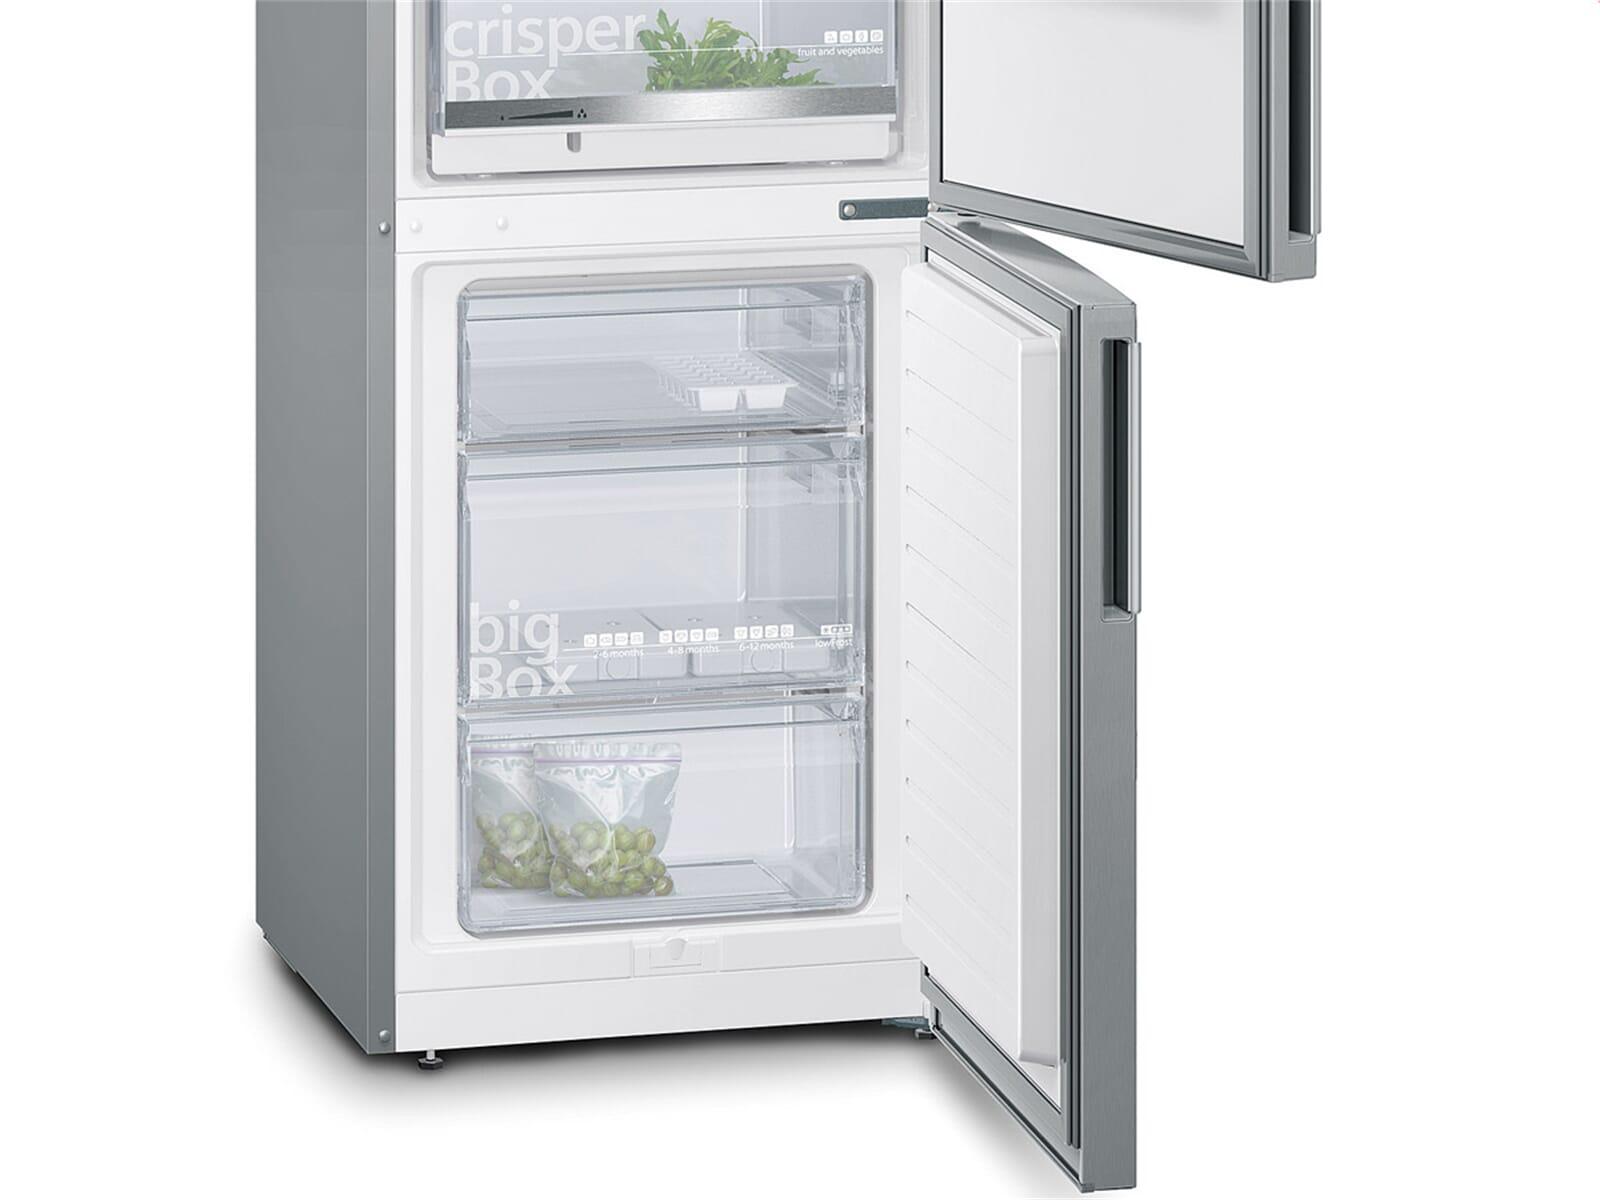 Siemens Kühlschrank Coolbox : Siemens kg edi kühl gefrierkombination edelstahl